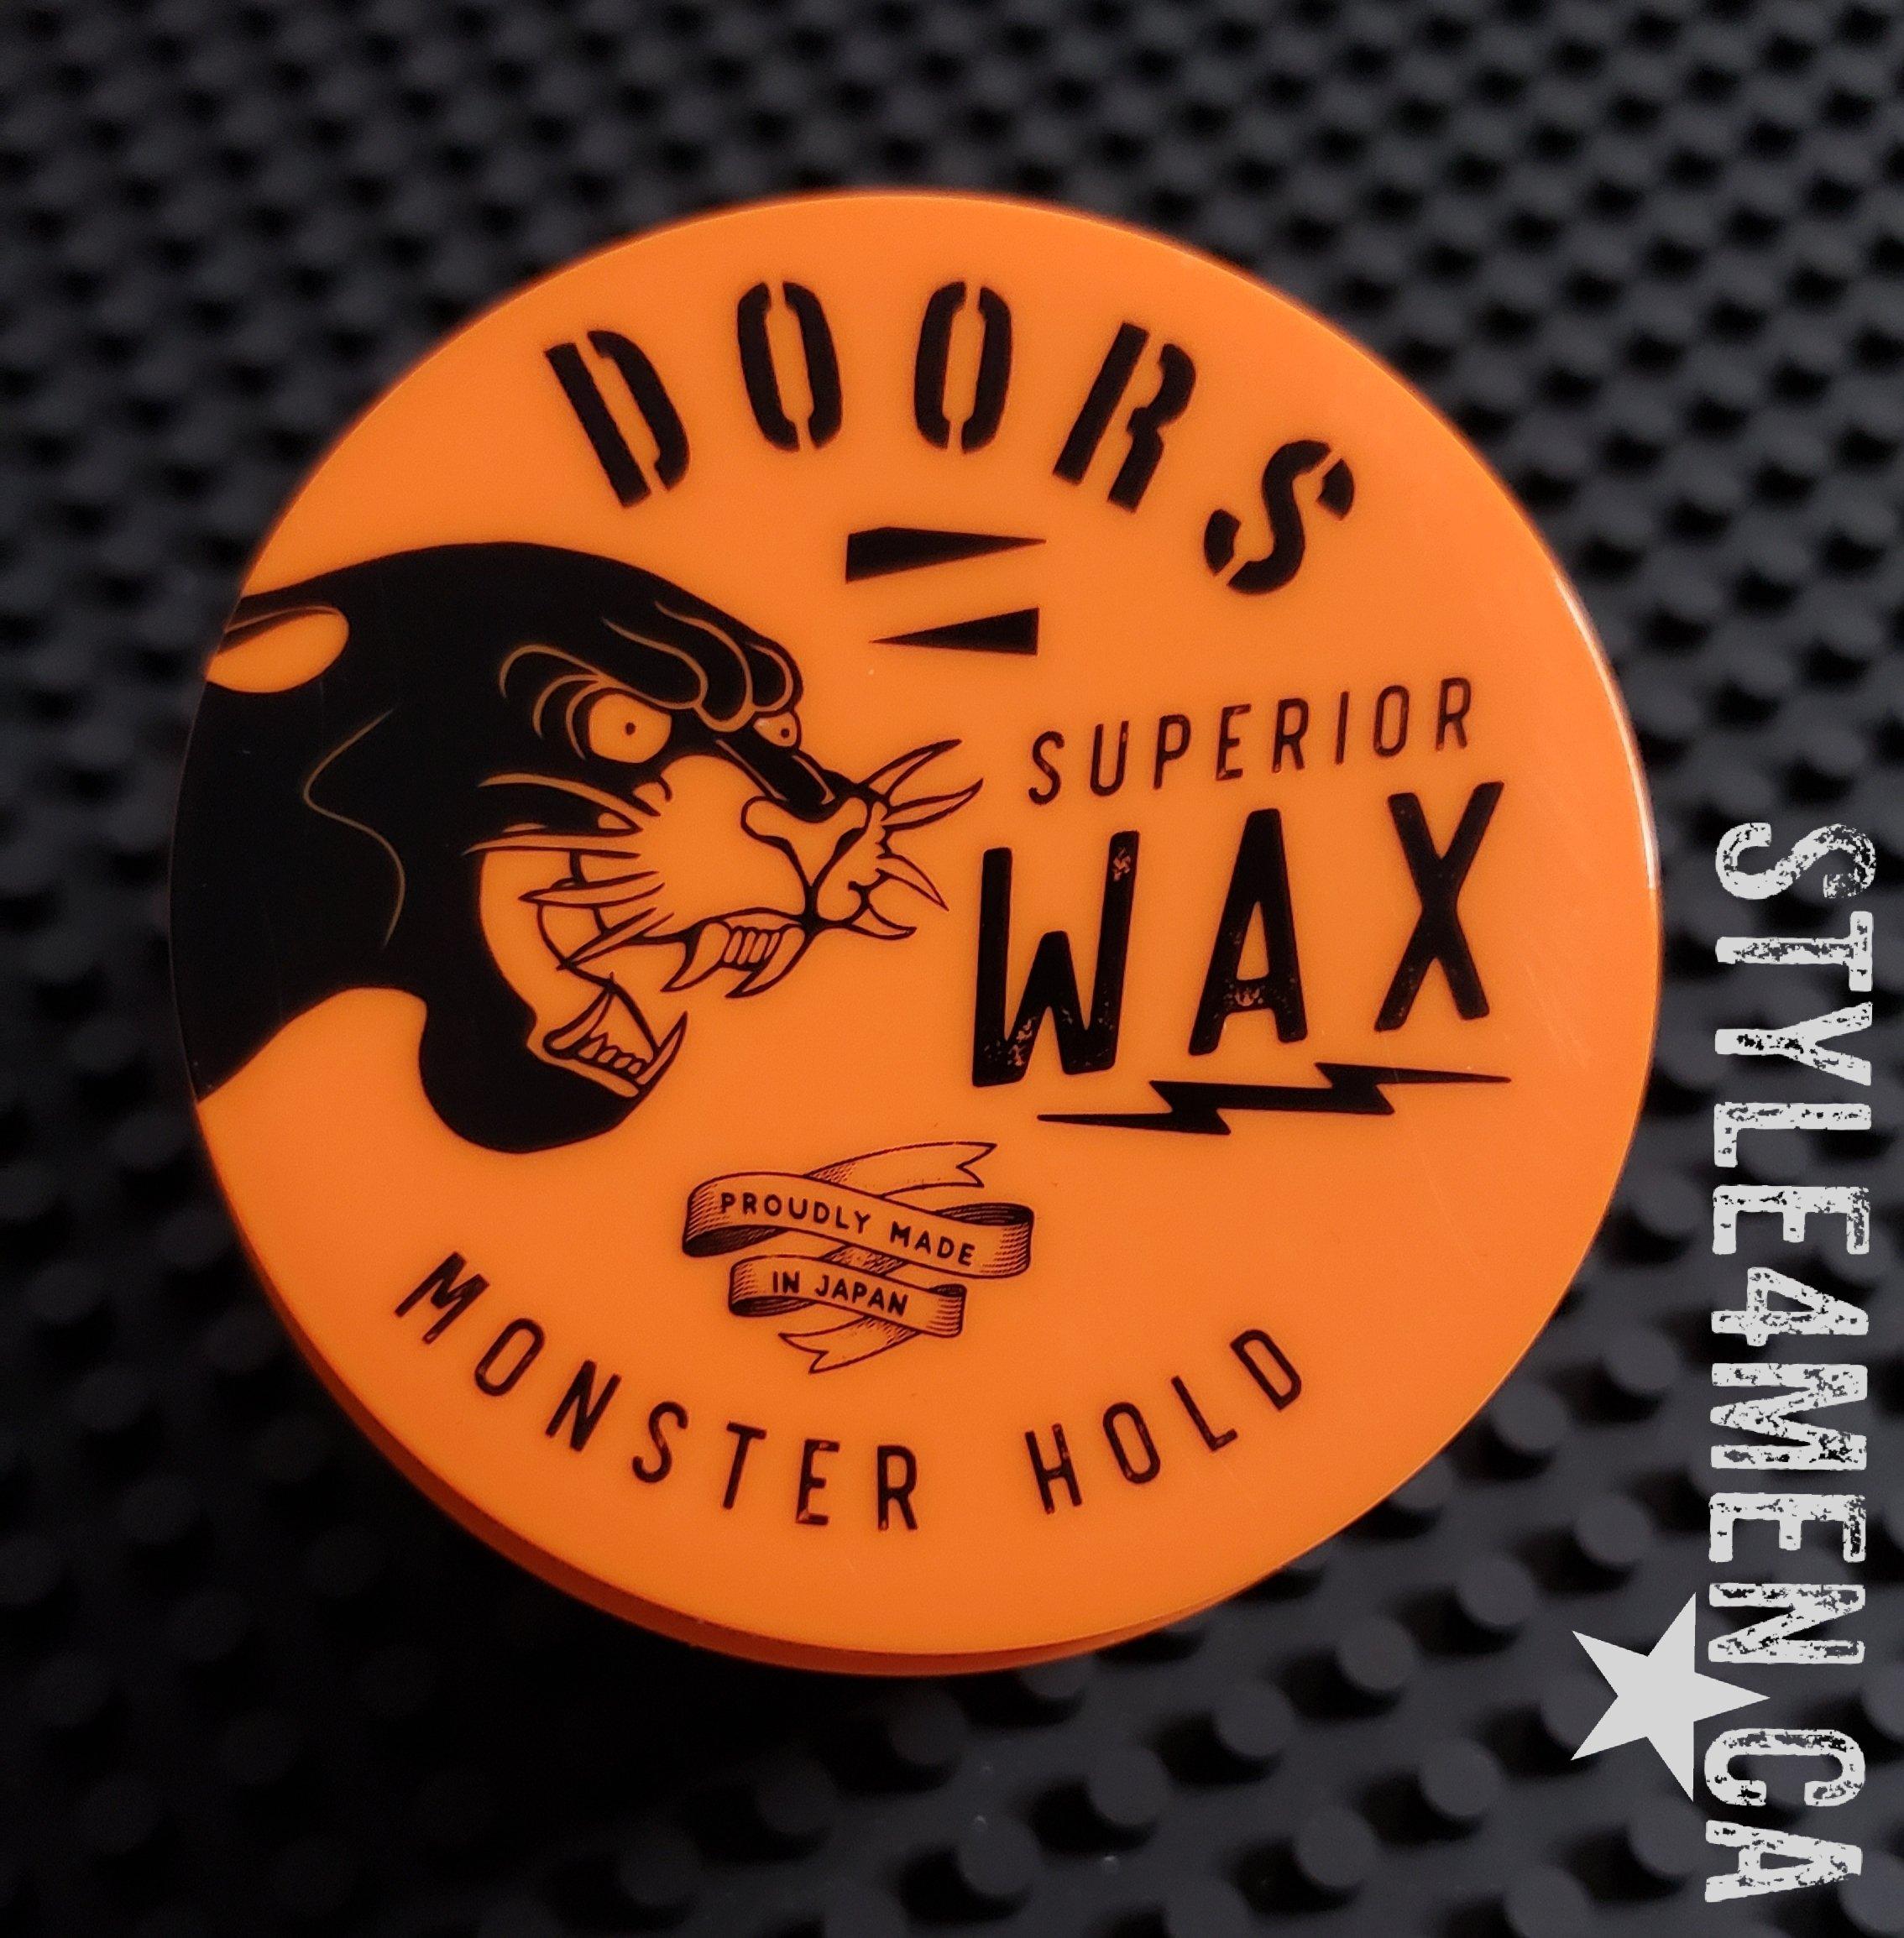 DOORS Monster Hold